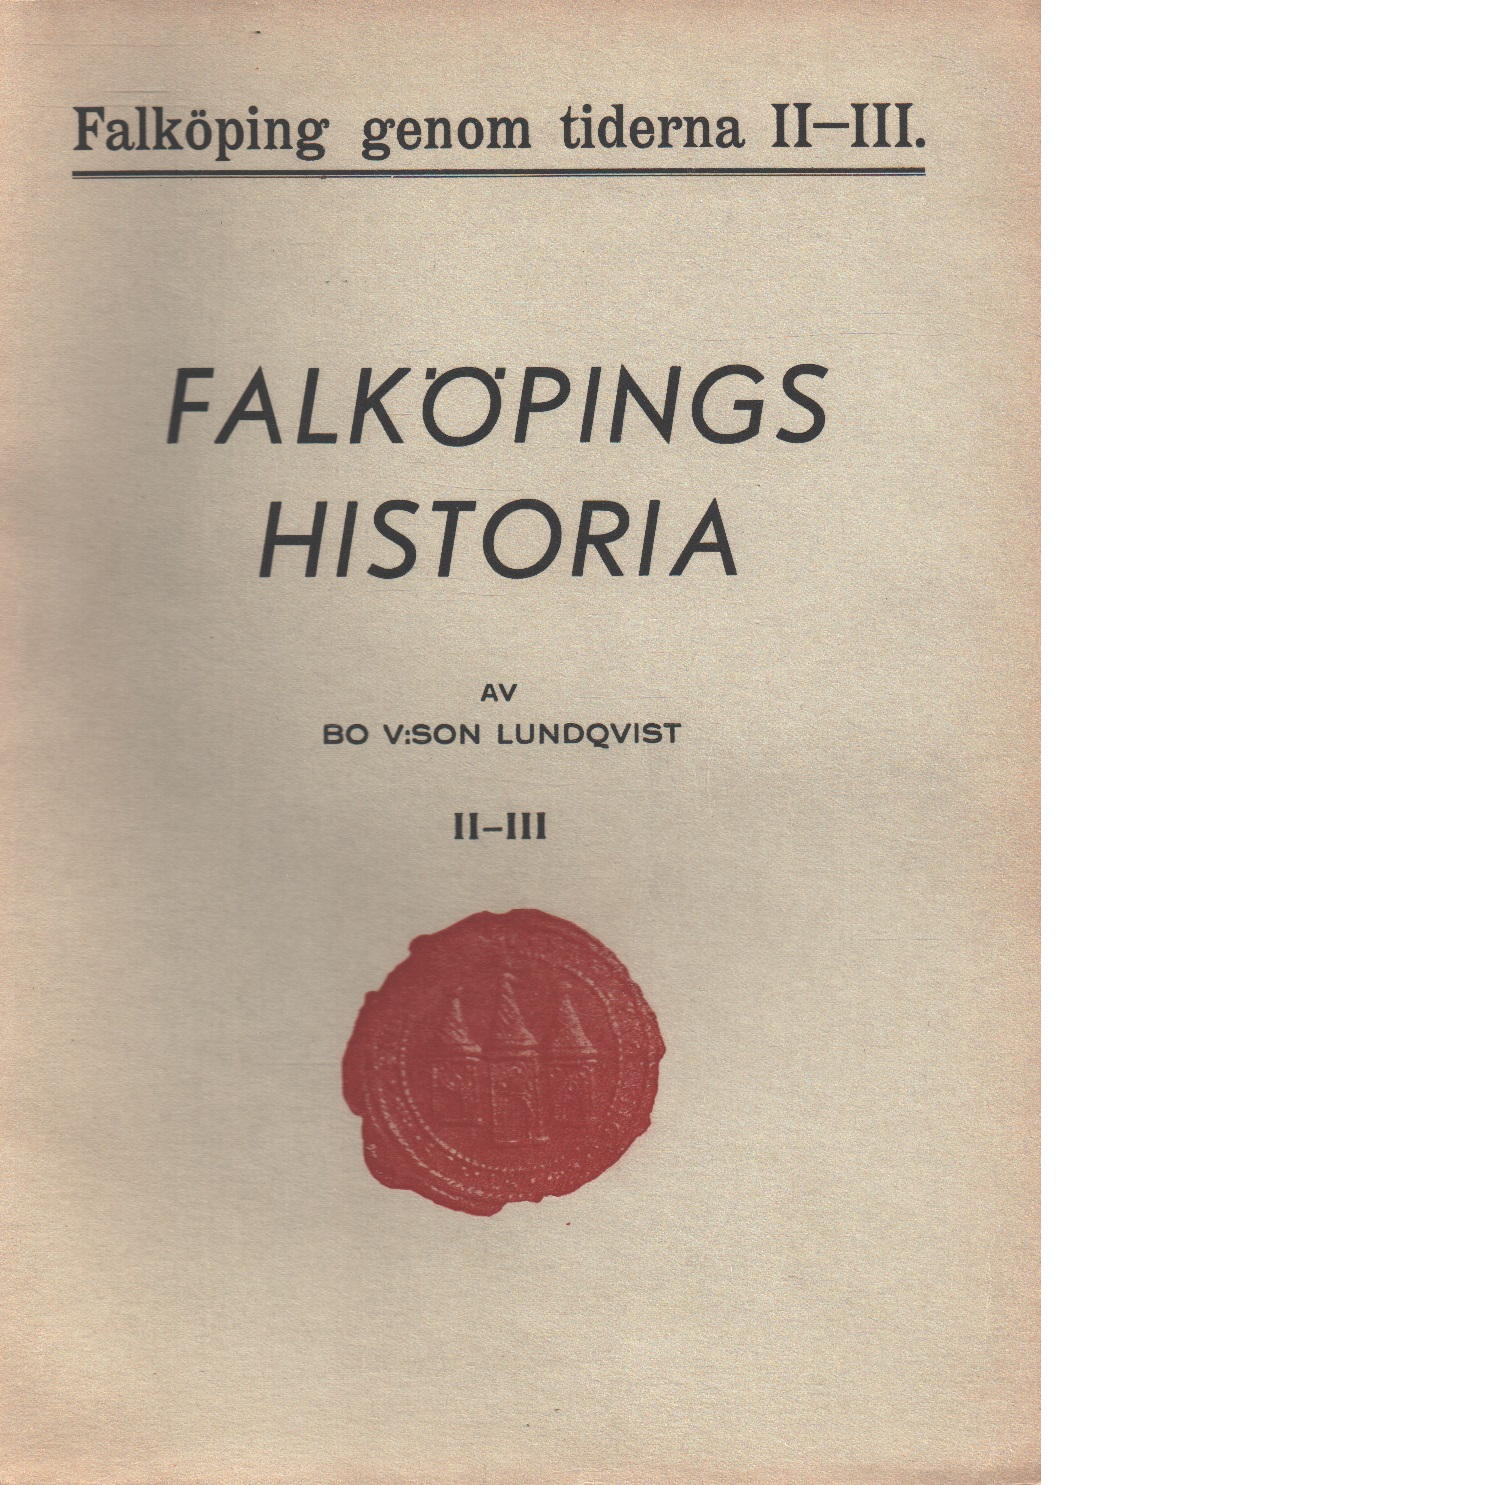 Falköping genom tiderna. 2-3, Falköpings historia, 2-3, 1620-1865 - Lundqvist, Bo V:son